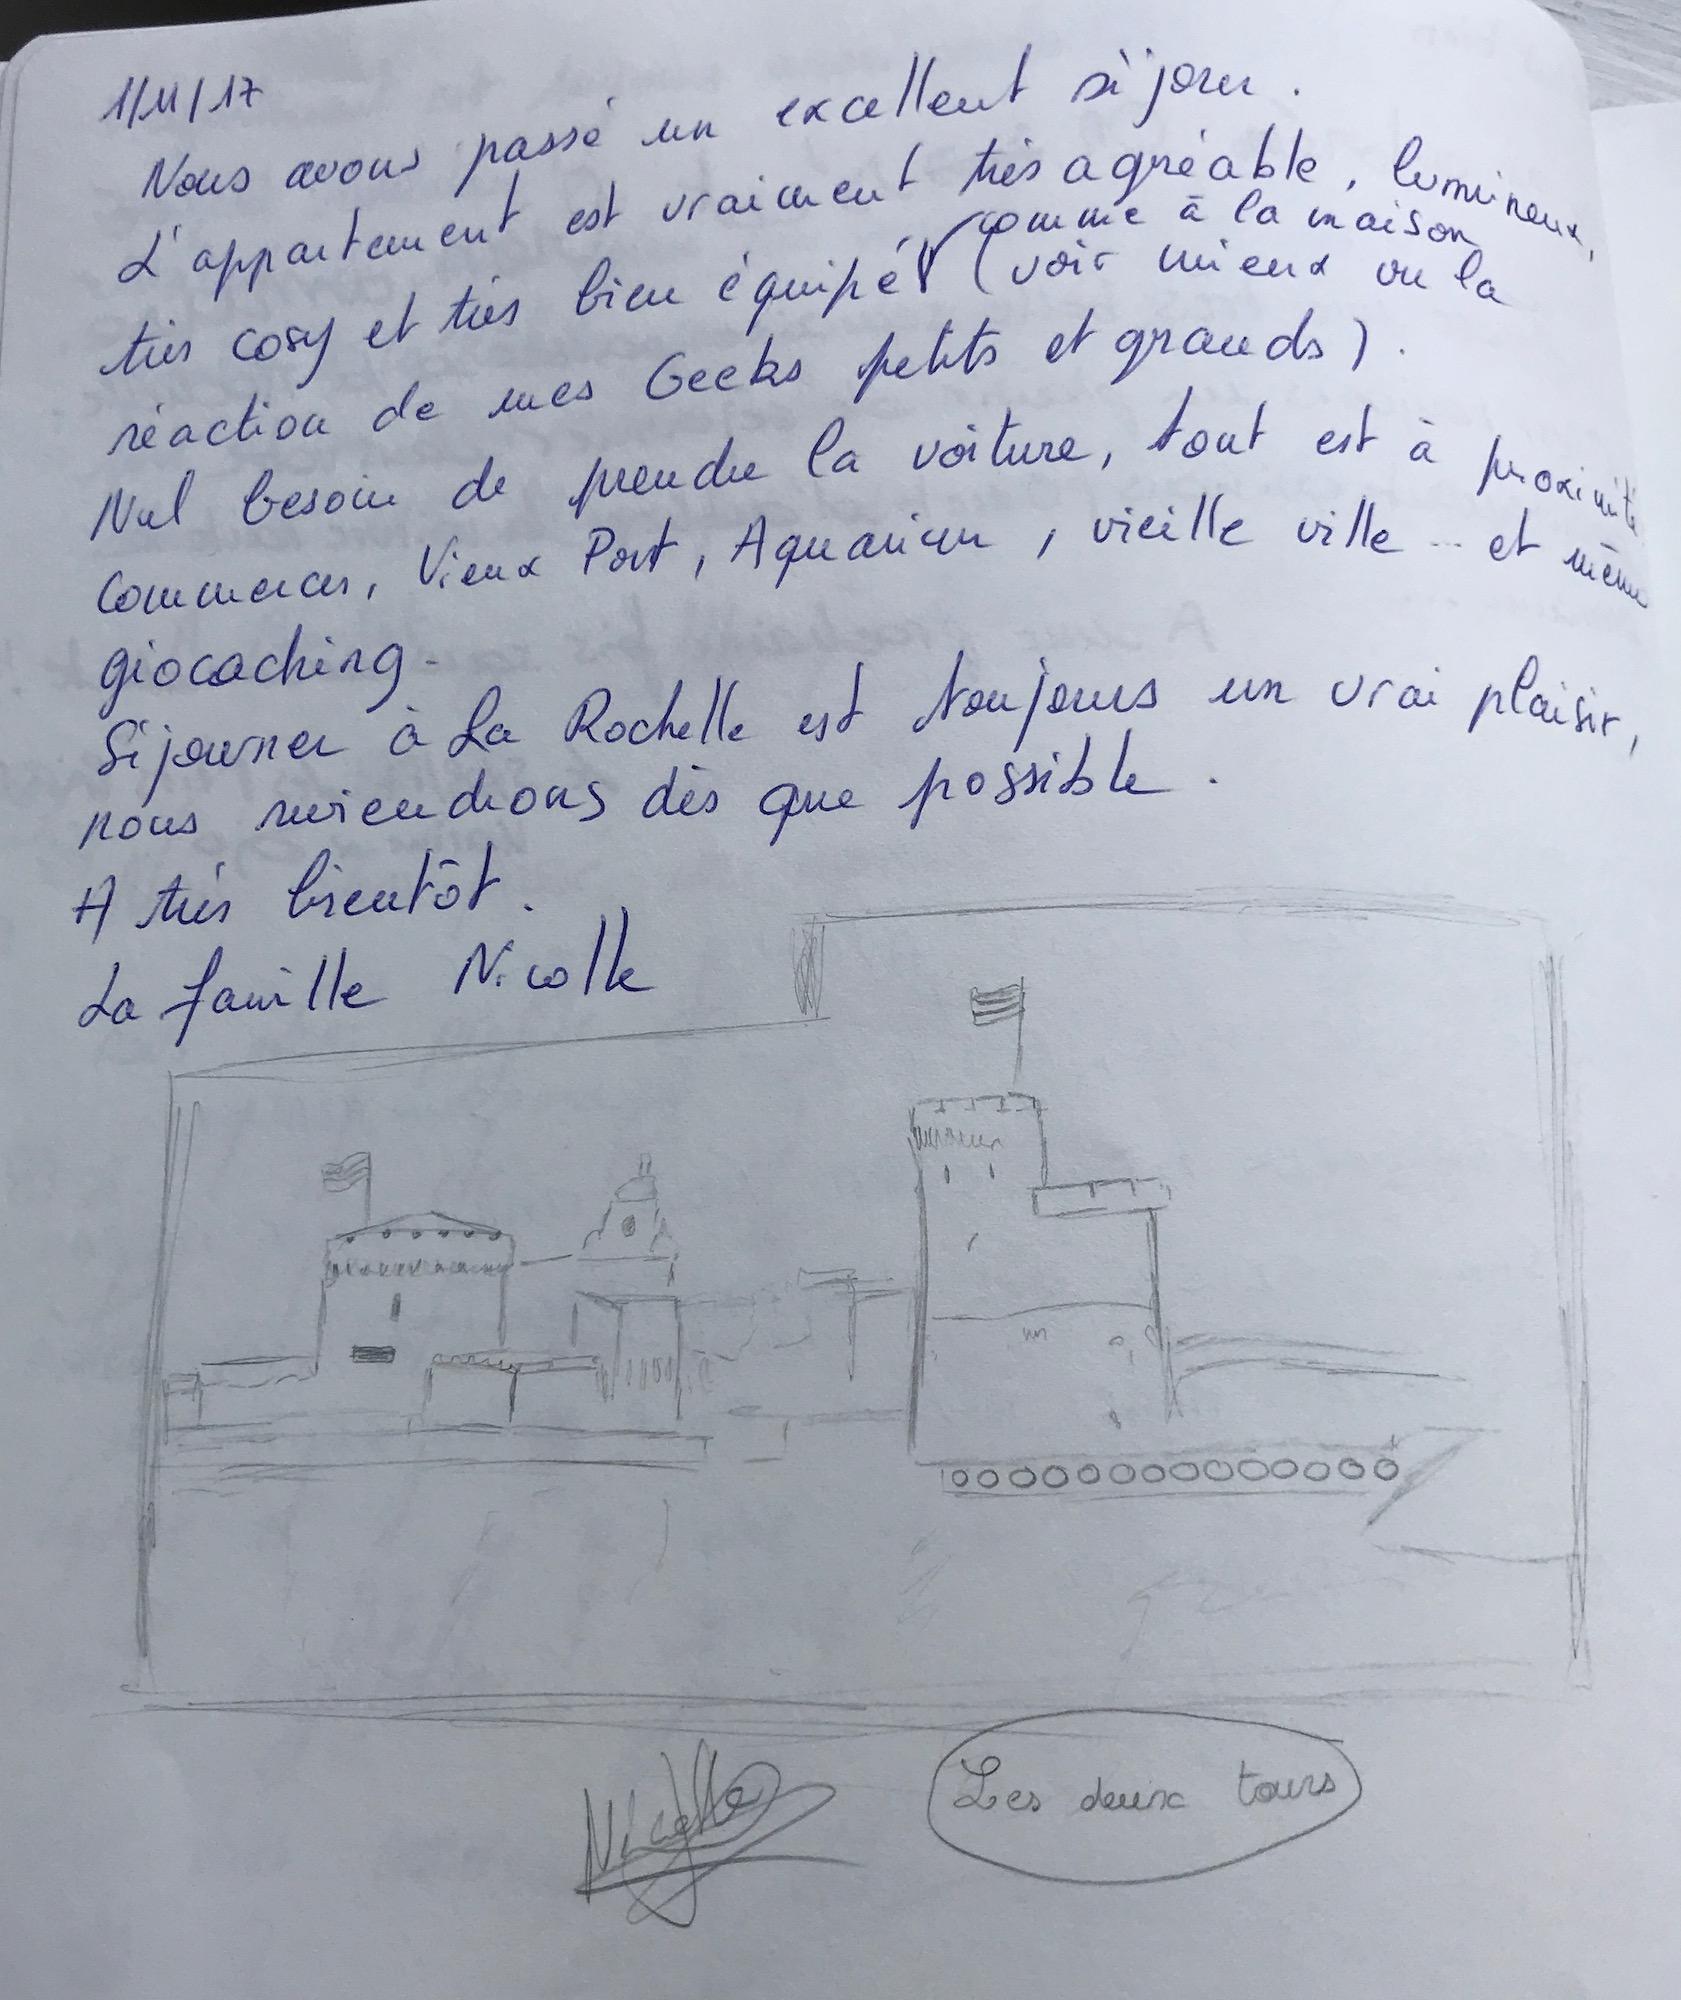 noel 2018 a la rochelle La Rochelle : appartement disponible pour les vacances de Noel  noel 2018 a la rochelle